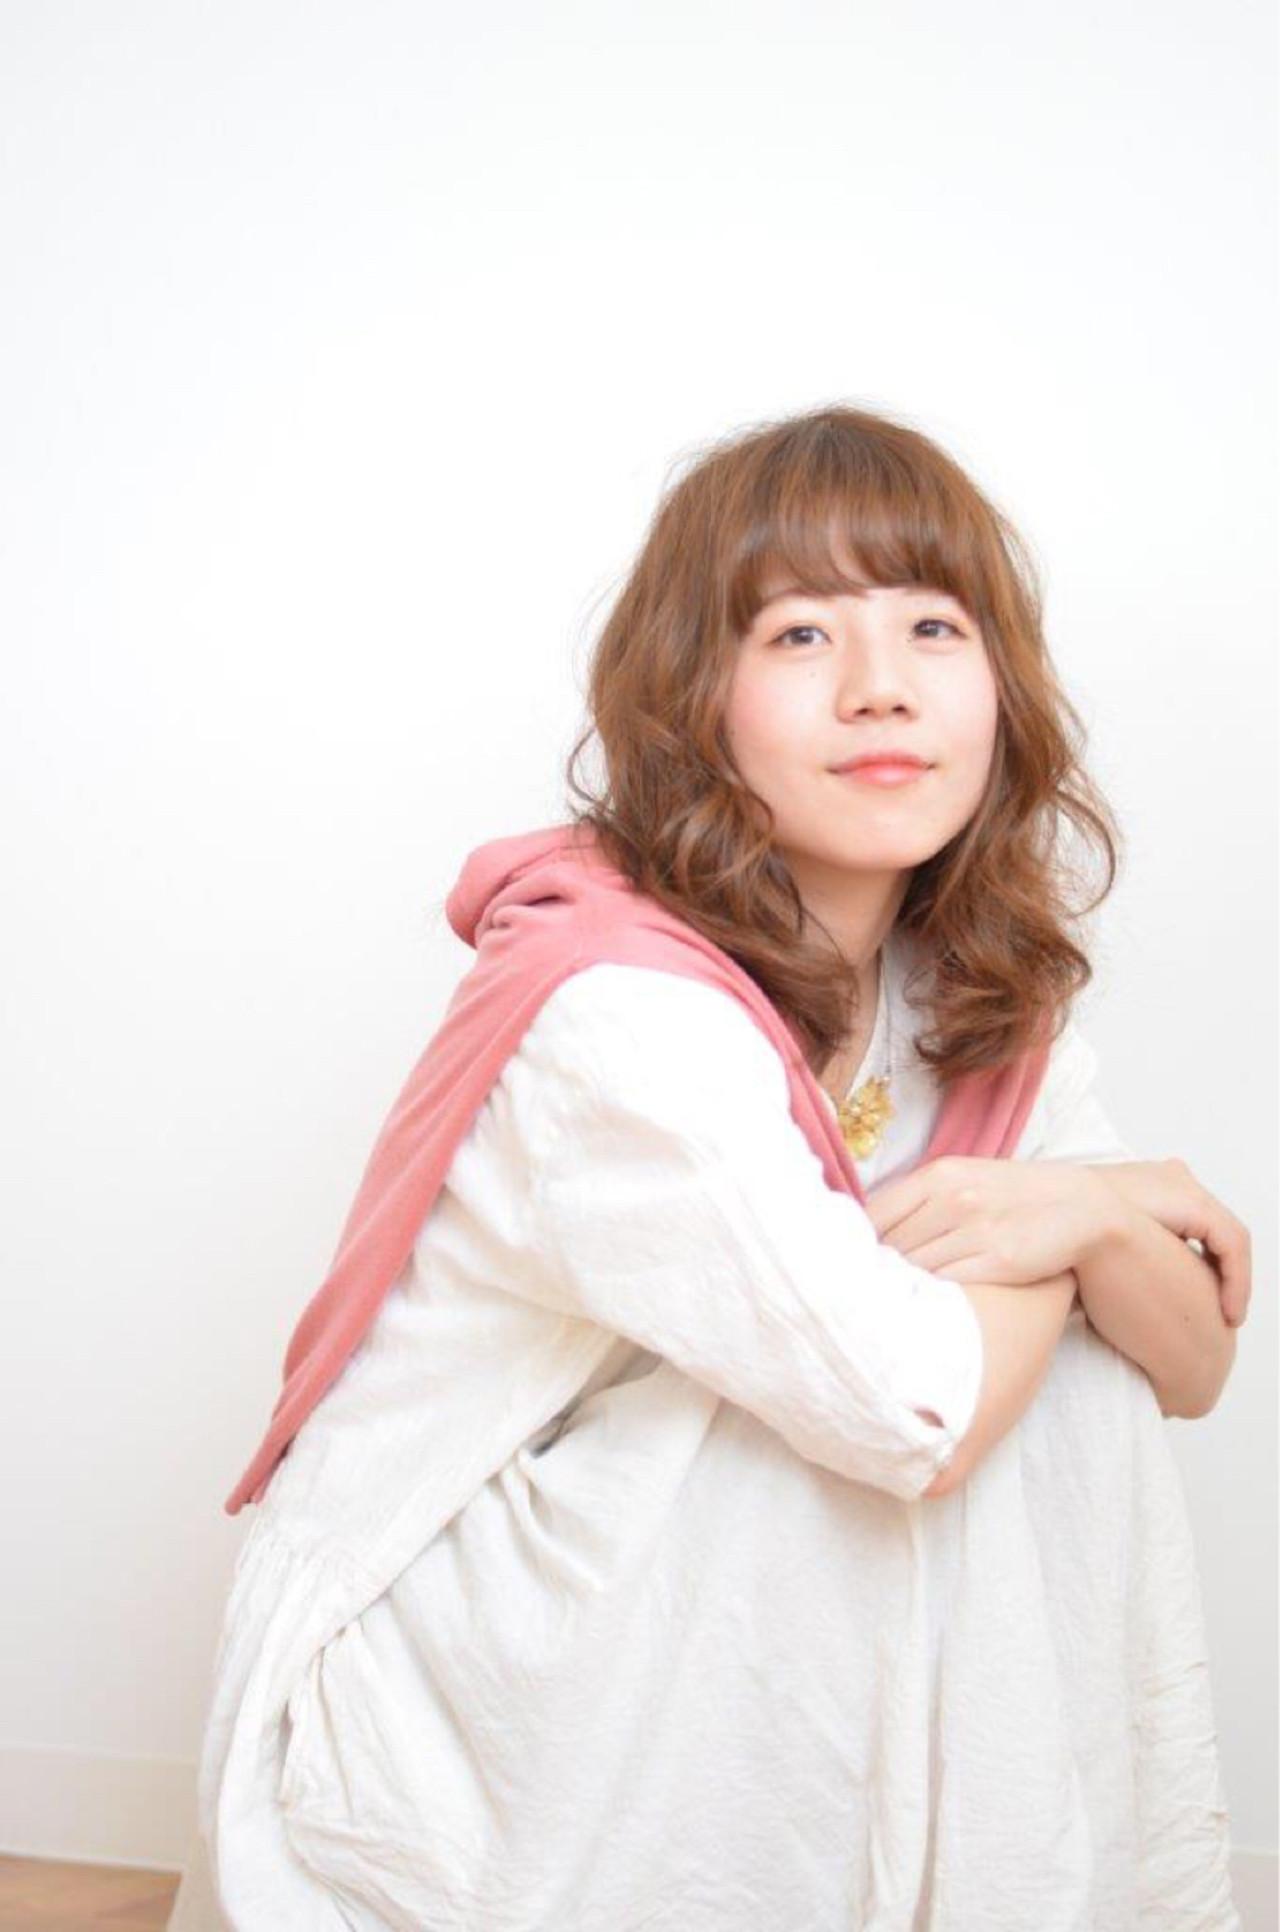 アッシュ ミディアム ナチュラル ピュア ヘアスタイルや髪型の写真・画像 | jun / atelier✂︎neru